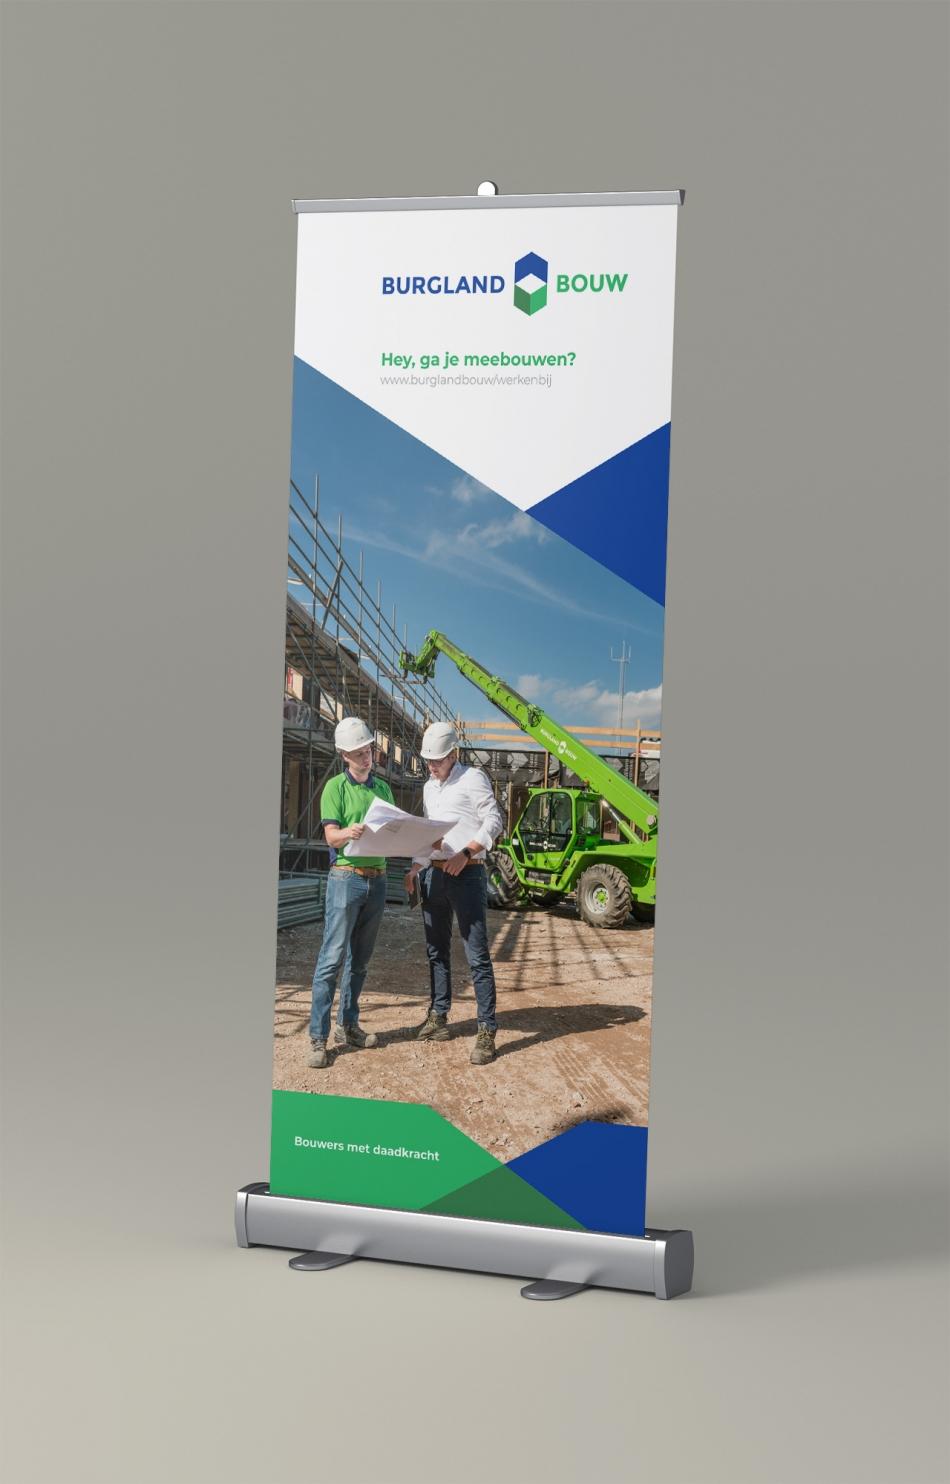 Ontwerp van een rollup banner voor personeelswerving door Burgland Bouw